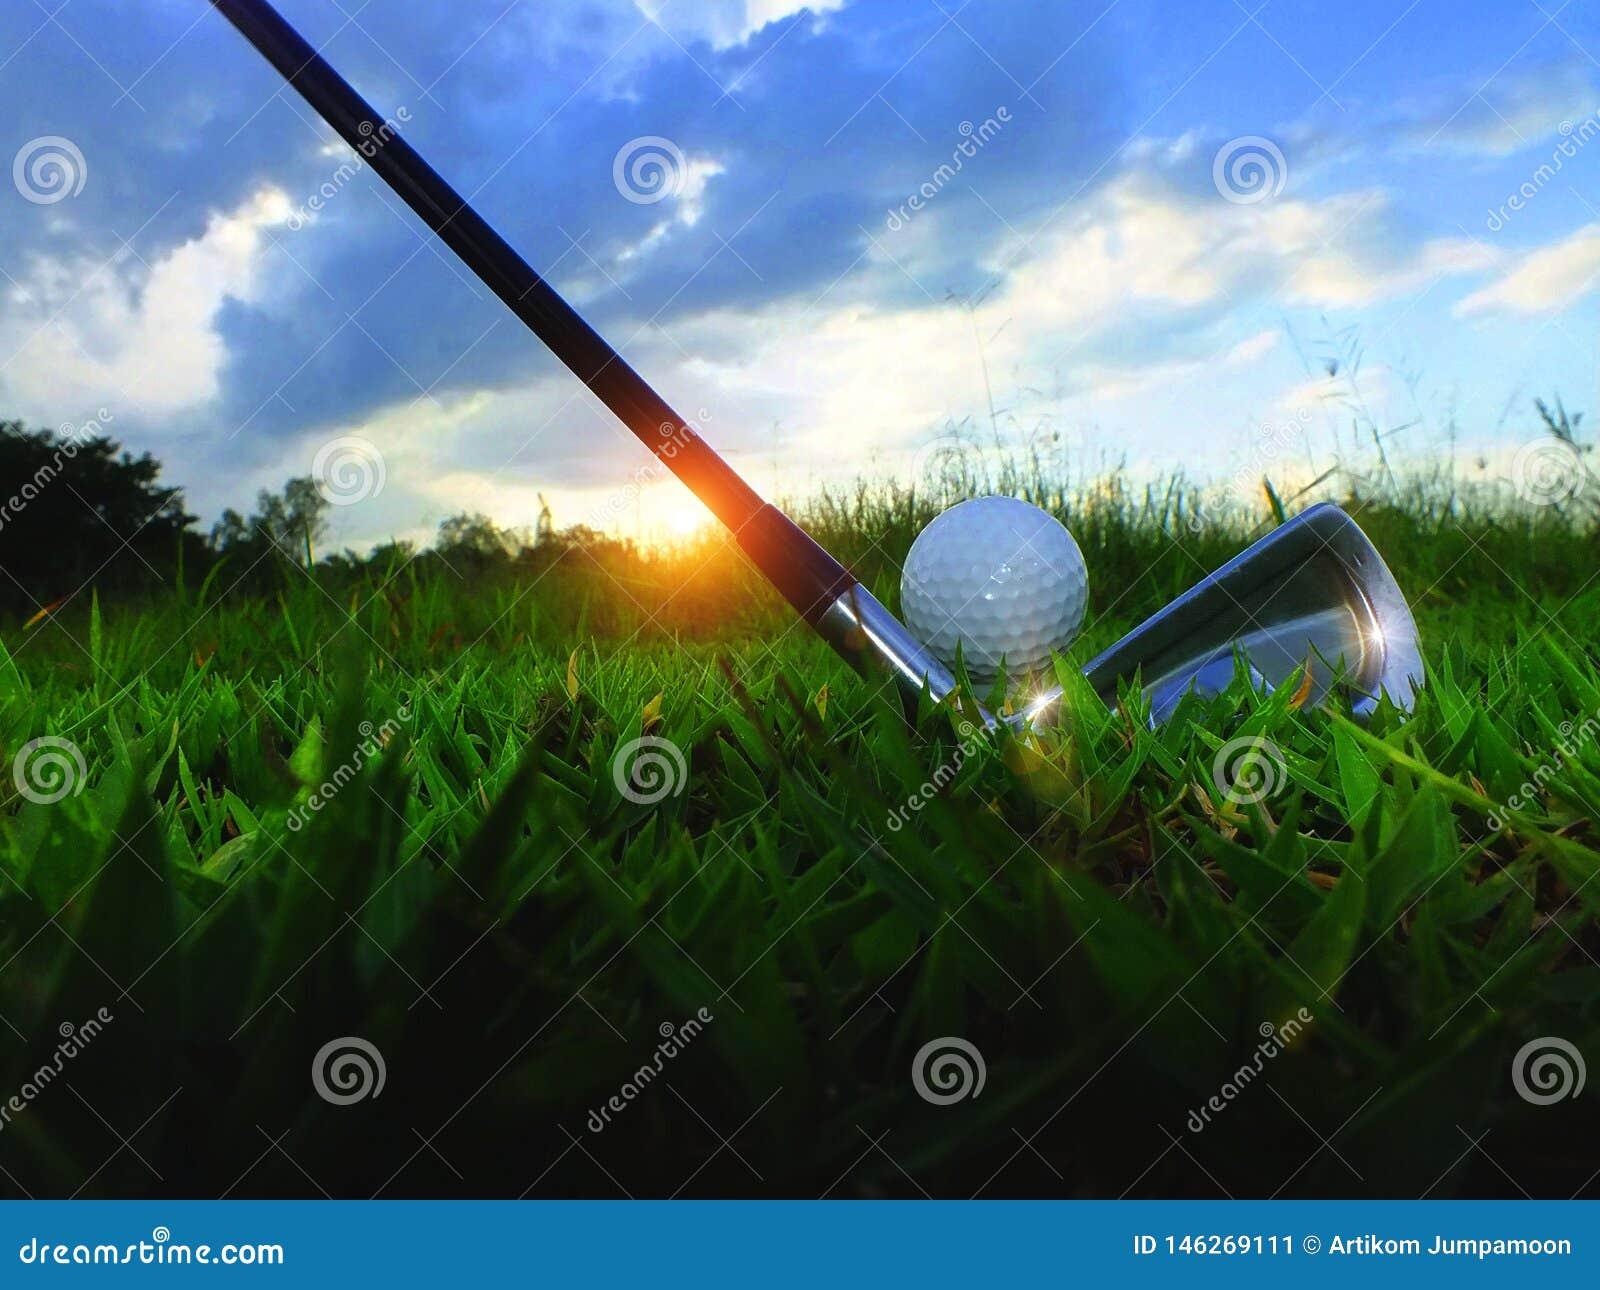 高尔夫球和铁 在绿色草坪击中高尔夫球场 特写镜头高尔夫球在柔和绿色草坪,当暴露在阳光体育p